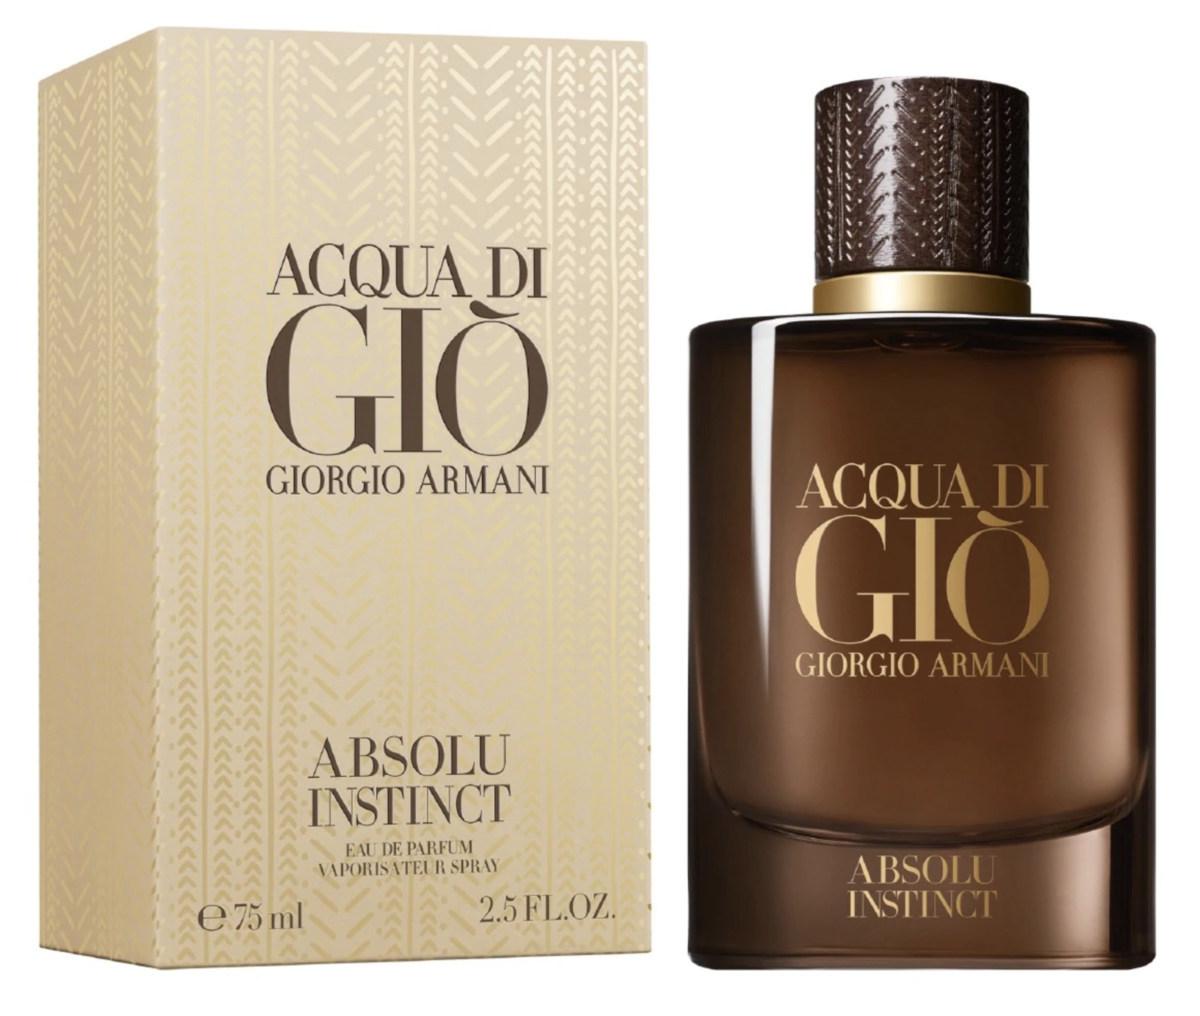 Giorgio Armani Acqua Di Giò Absolu Instinct Reviews